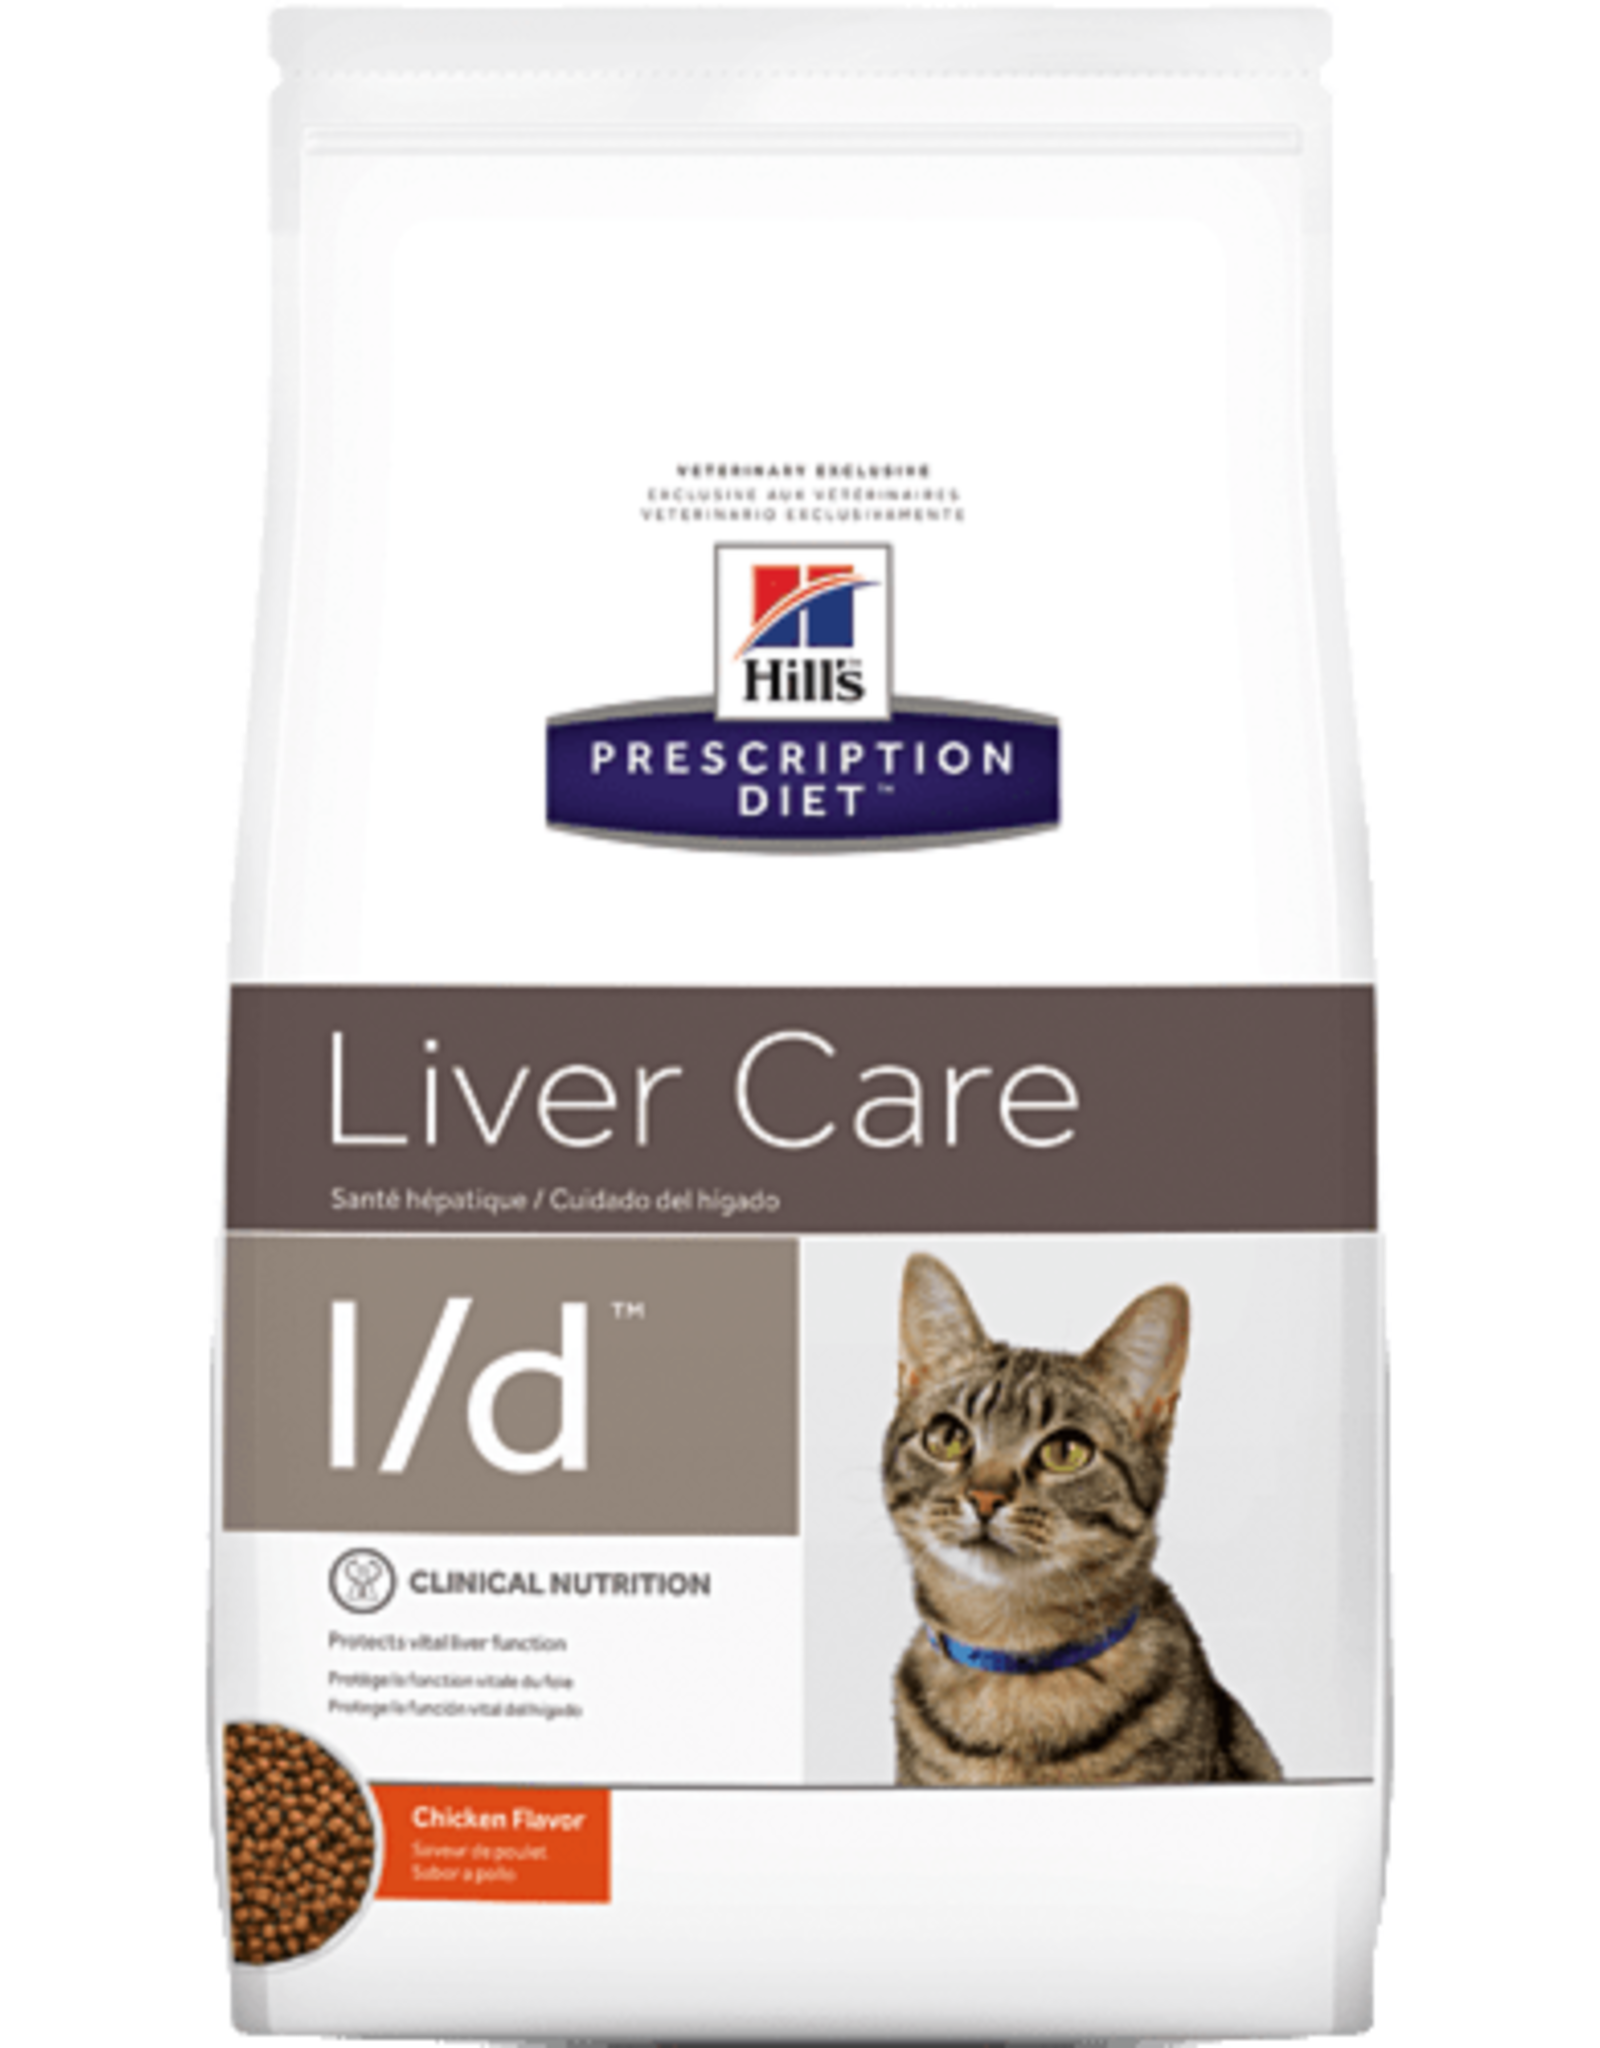 Hill's Hill's Prescription Diet L/d Kat 1,5kg